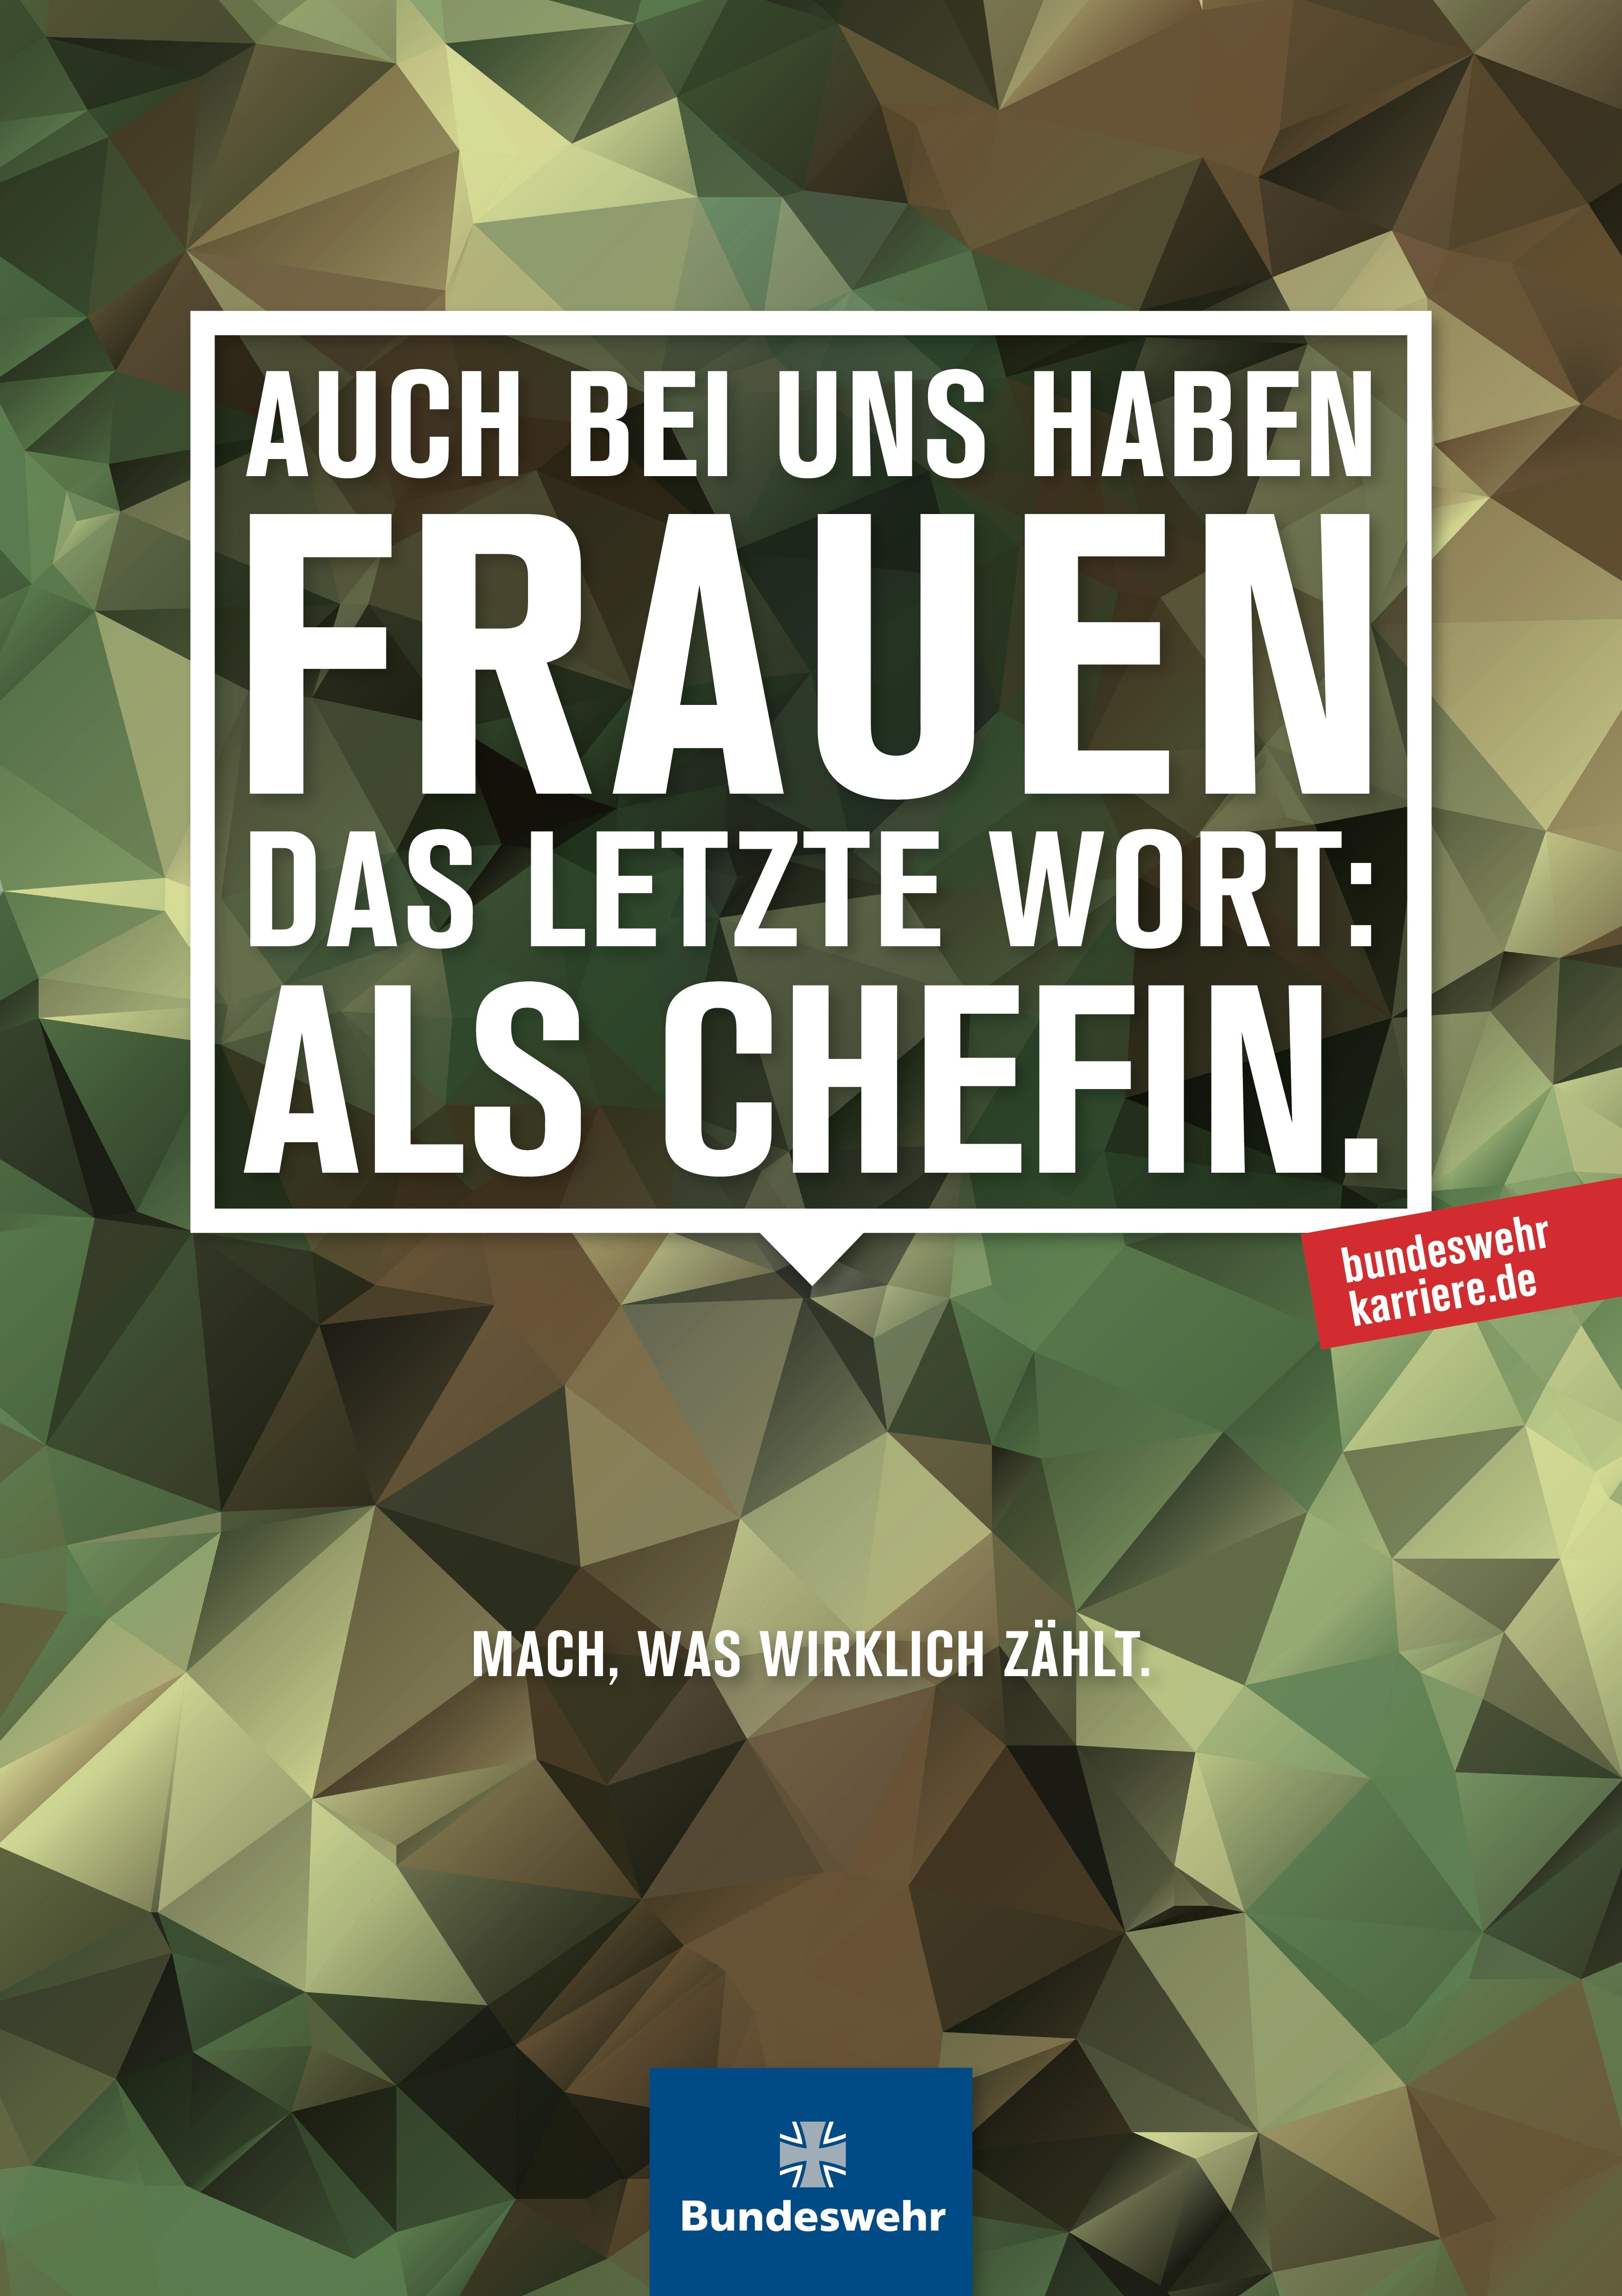 (c) Bundeswehr